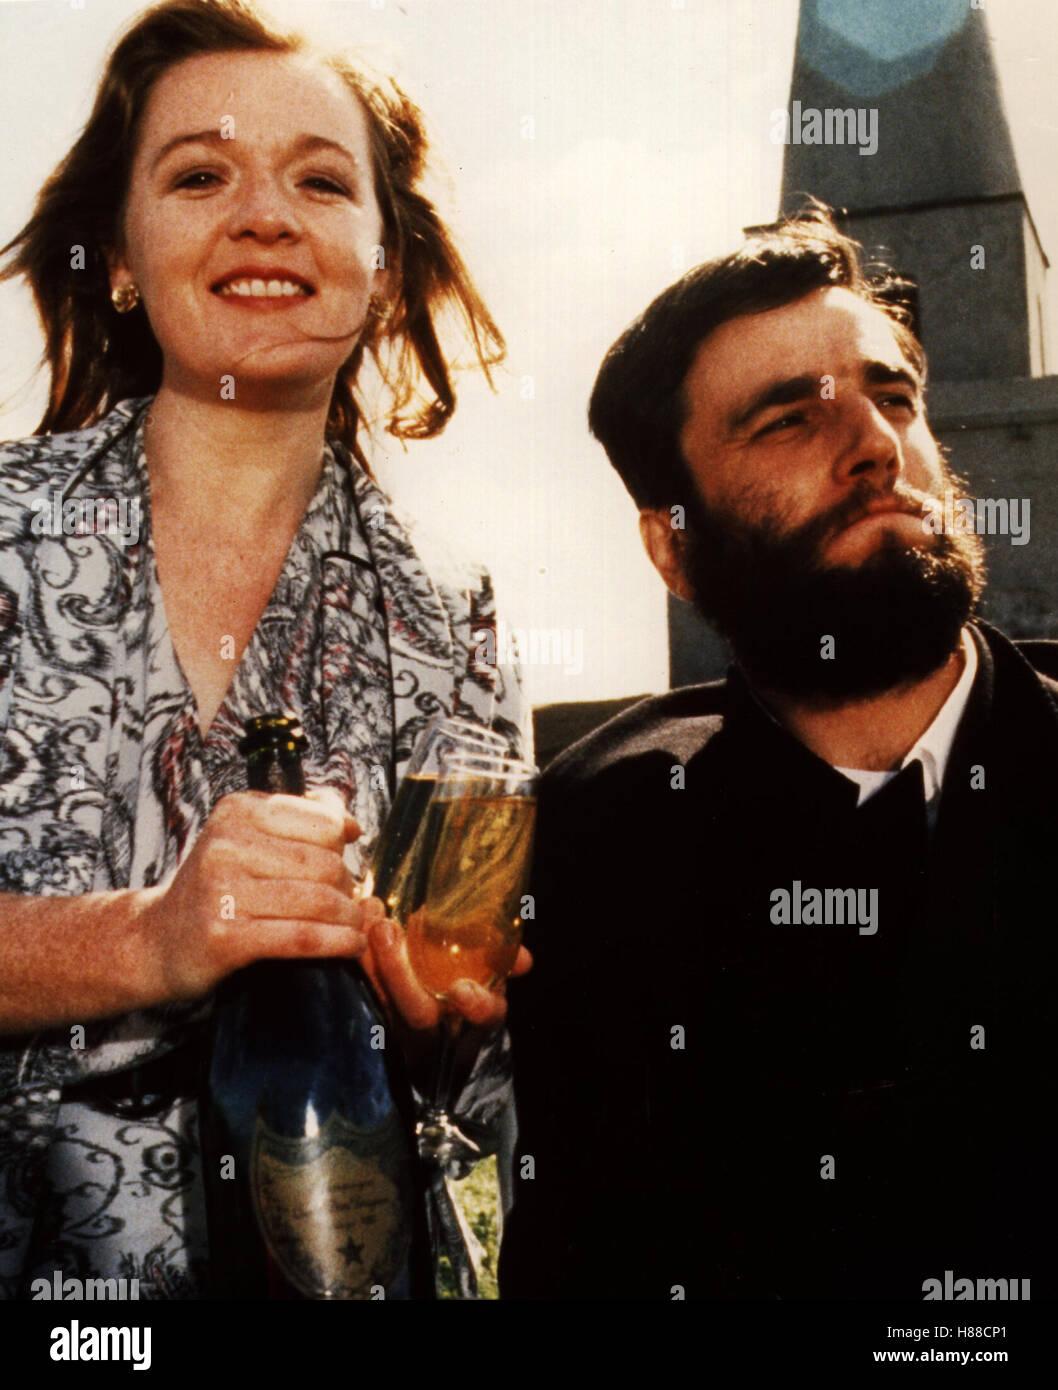 Mein linker Fuß, (MY LEFT FOOT) IRE 1989, Regie: Jim Sheridan, BRENDA FRICKER + DANIEL DAY LEWIS - Stock Image